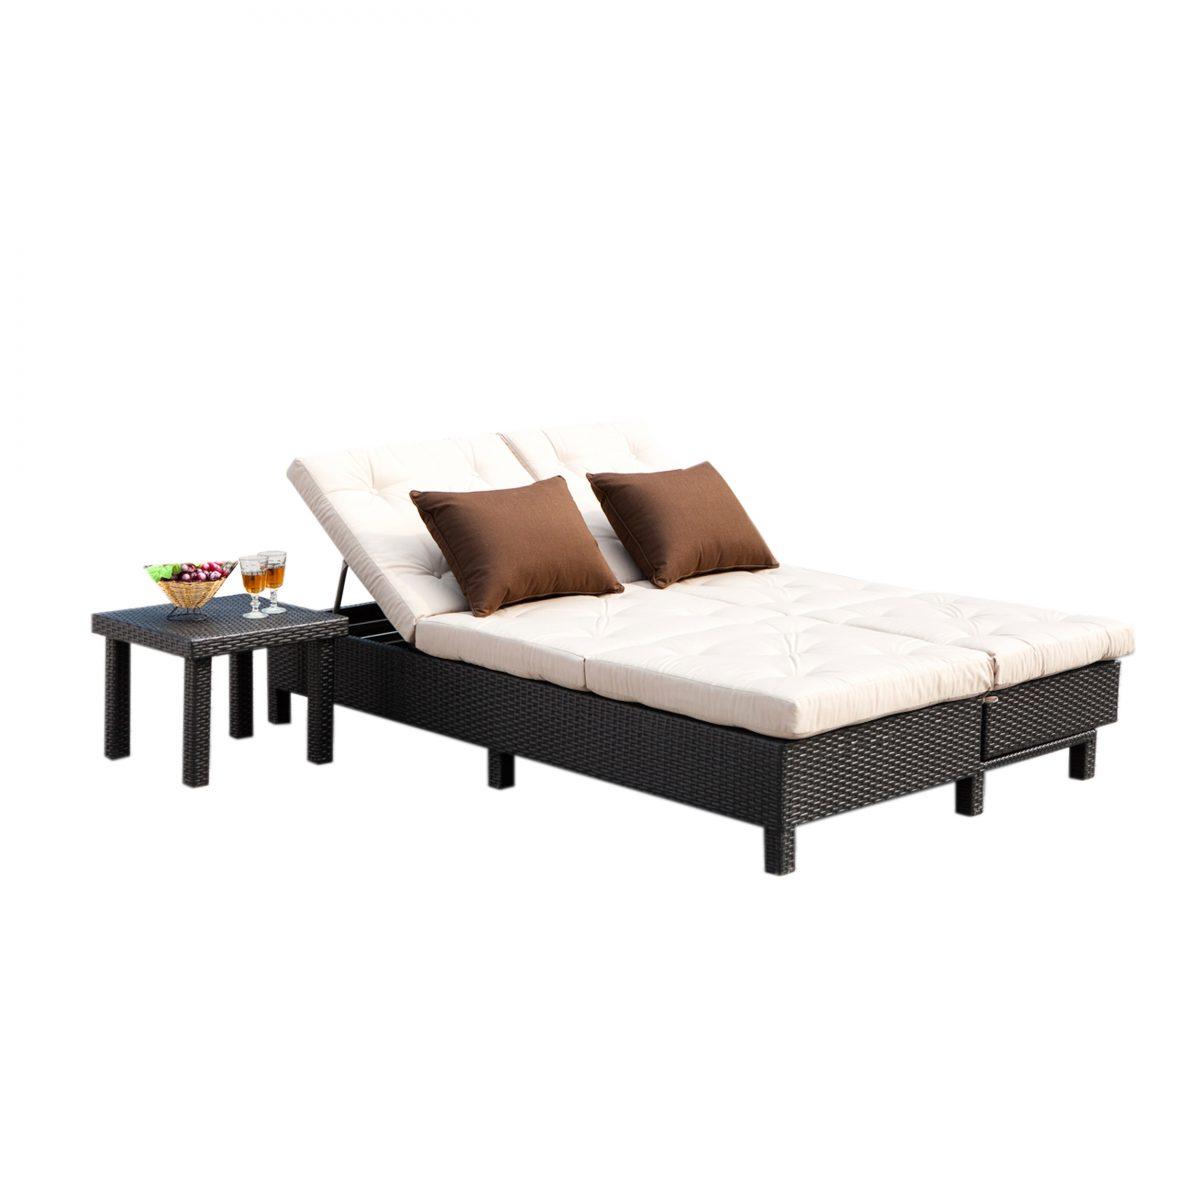 Sirio Euro Patio Double Chaise Lounge Sofa Set